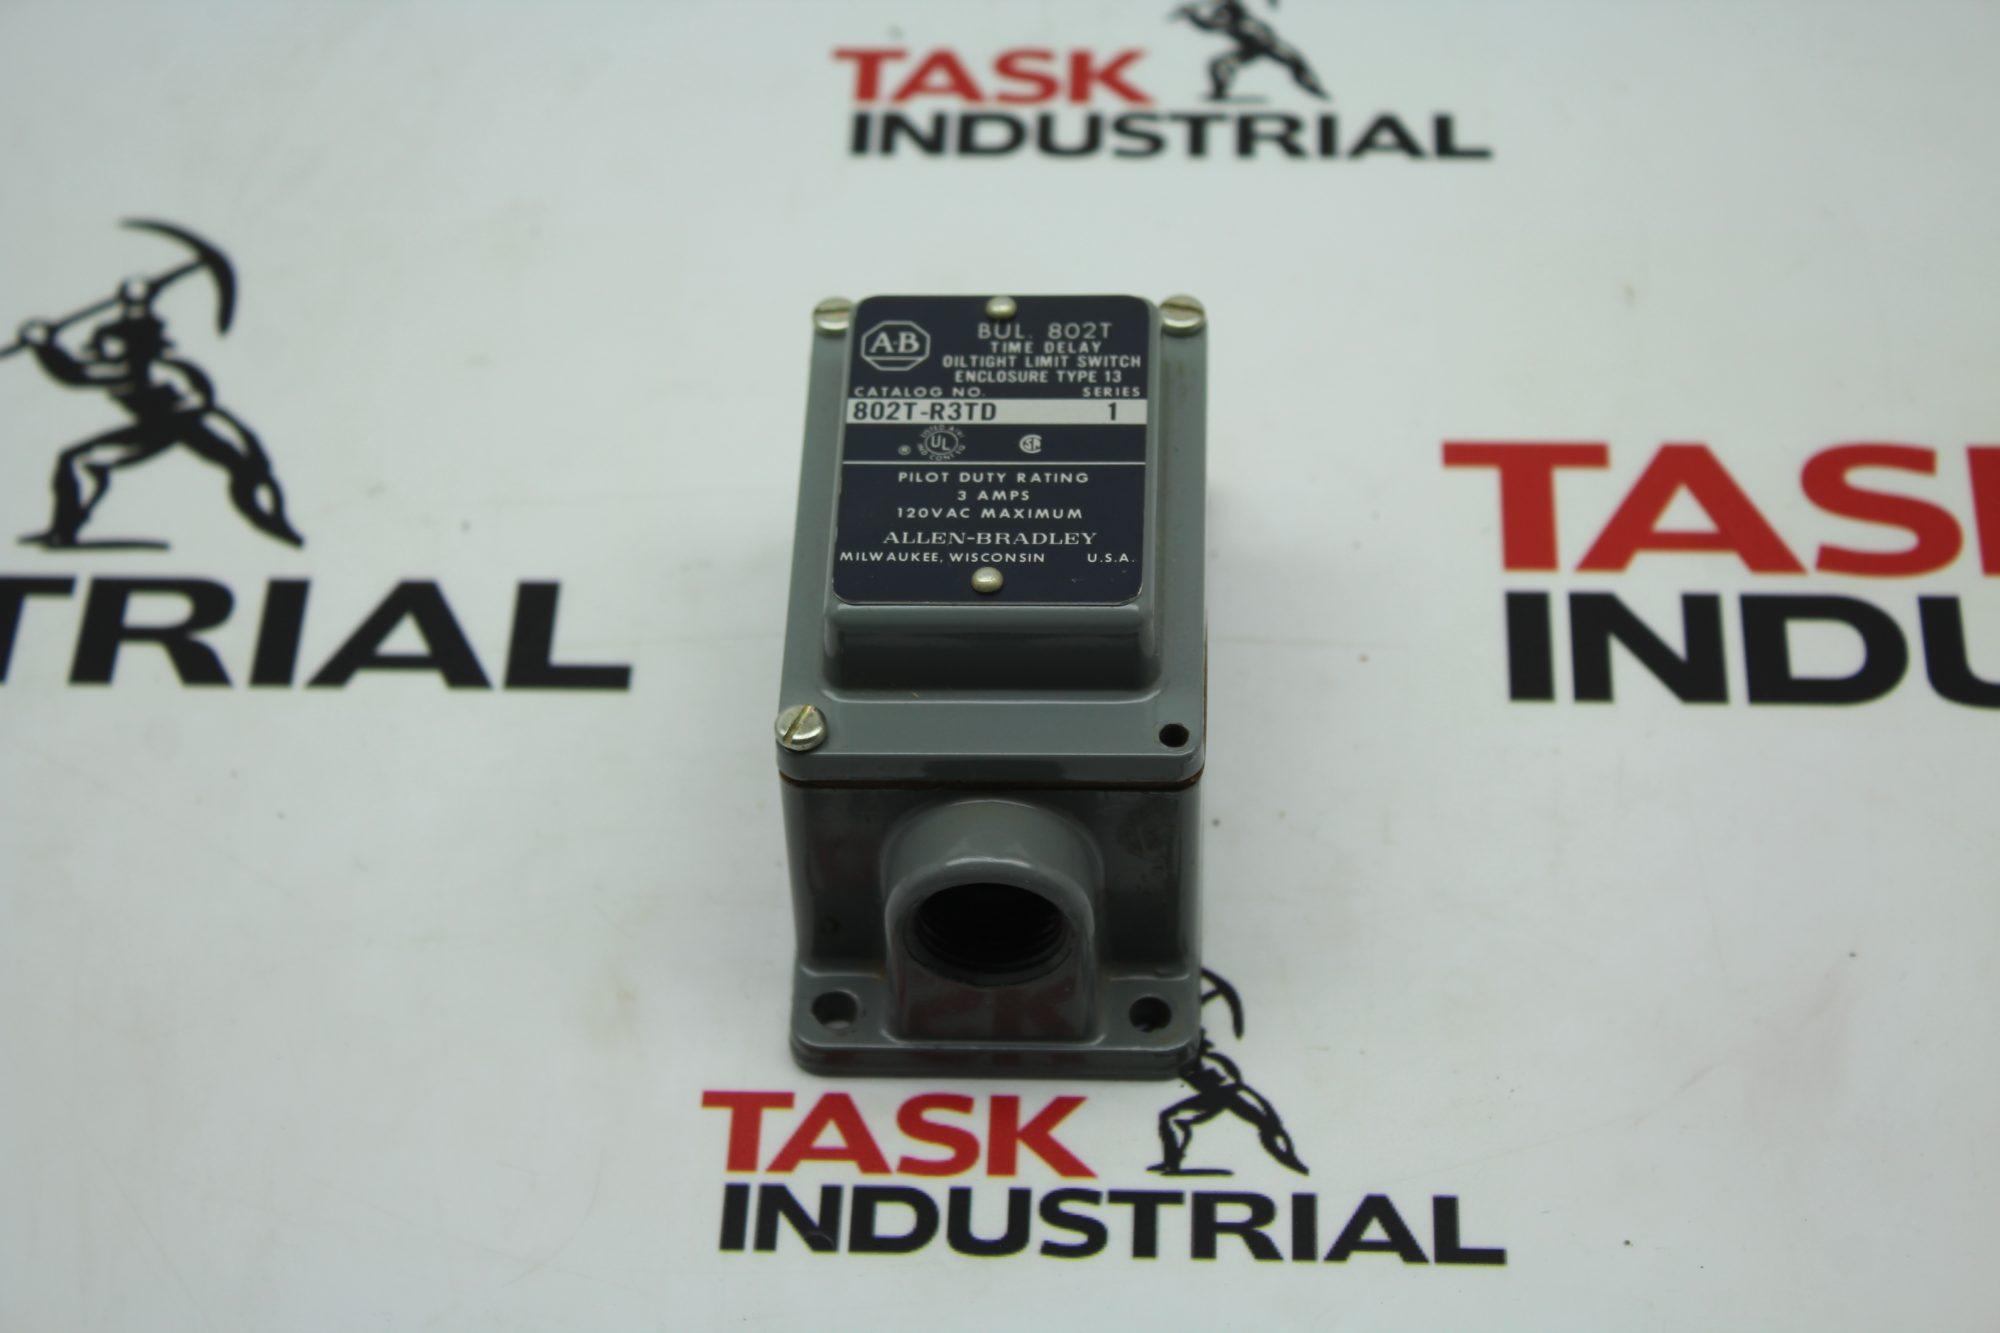 Allen-Bradley Oiltight Limit Switch CAT No. 802T-R3TD Body.